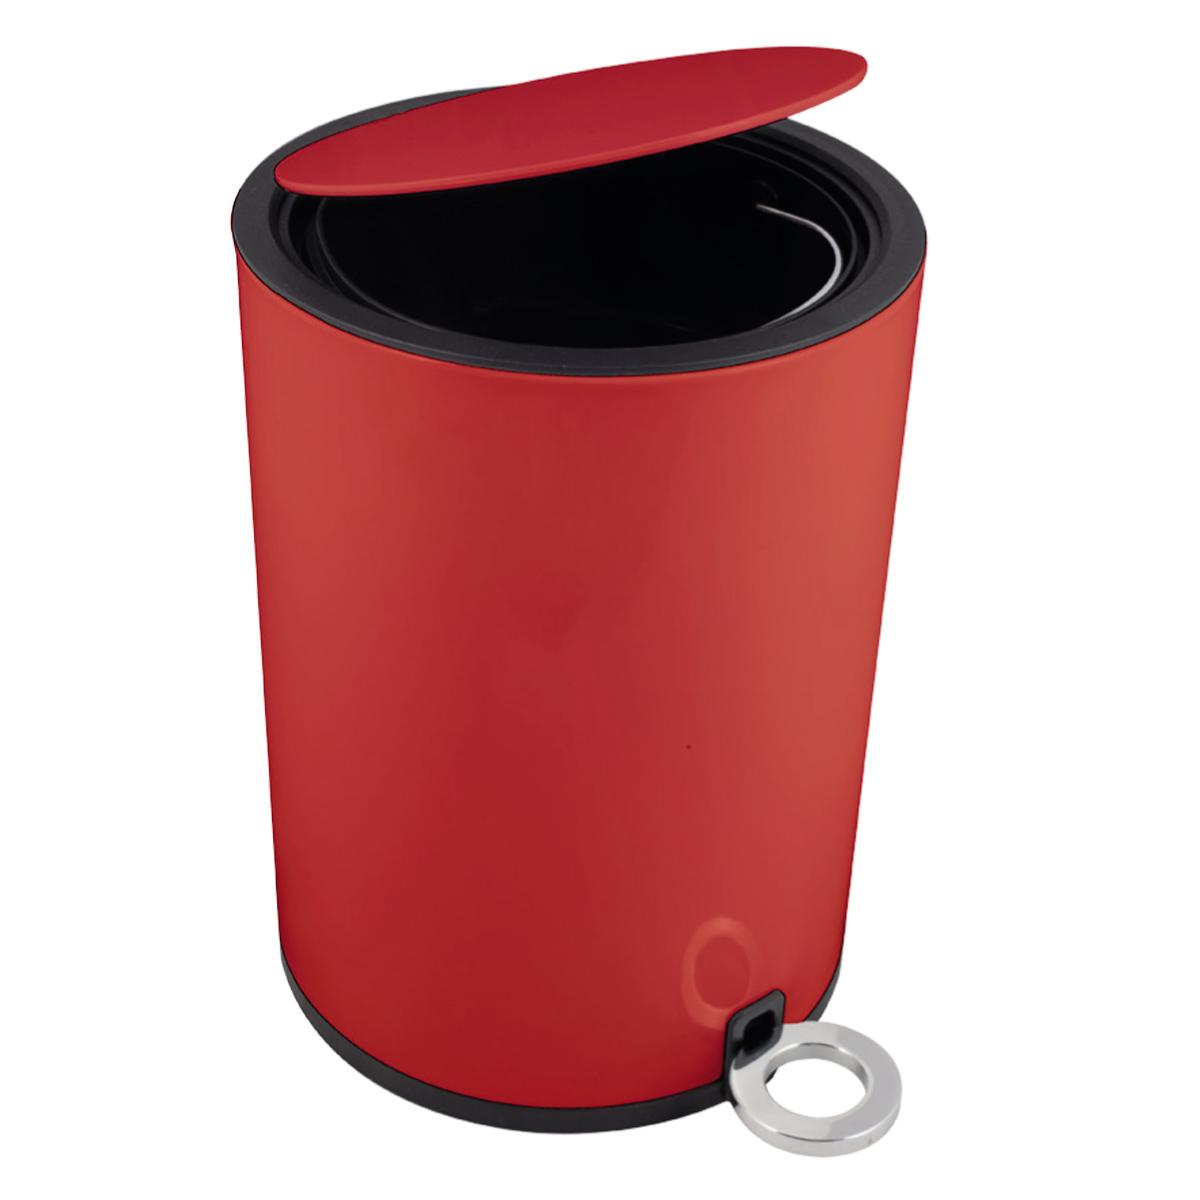 Kúpeľňový kôš Duspy Red